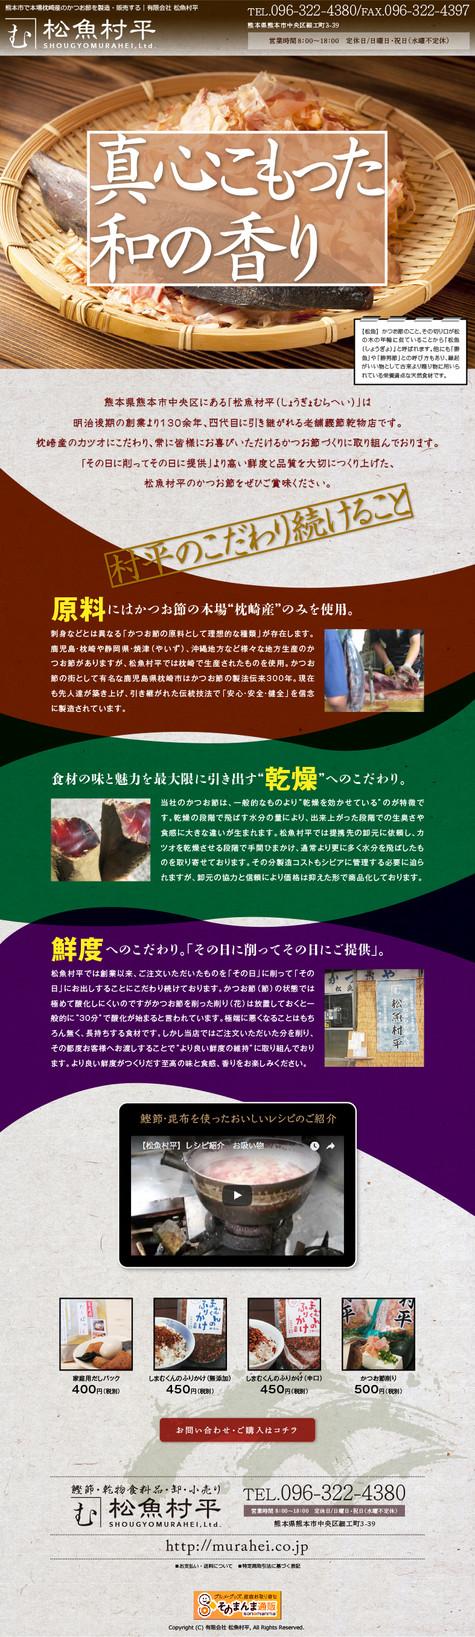 新潟県三条市 燕市 長岡市のホームページ制作